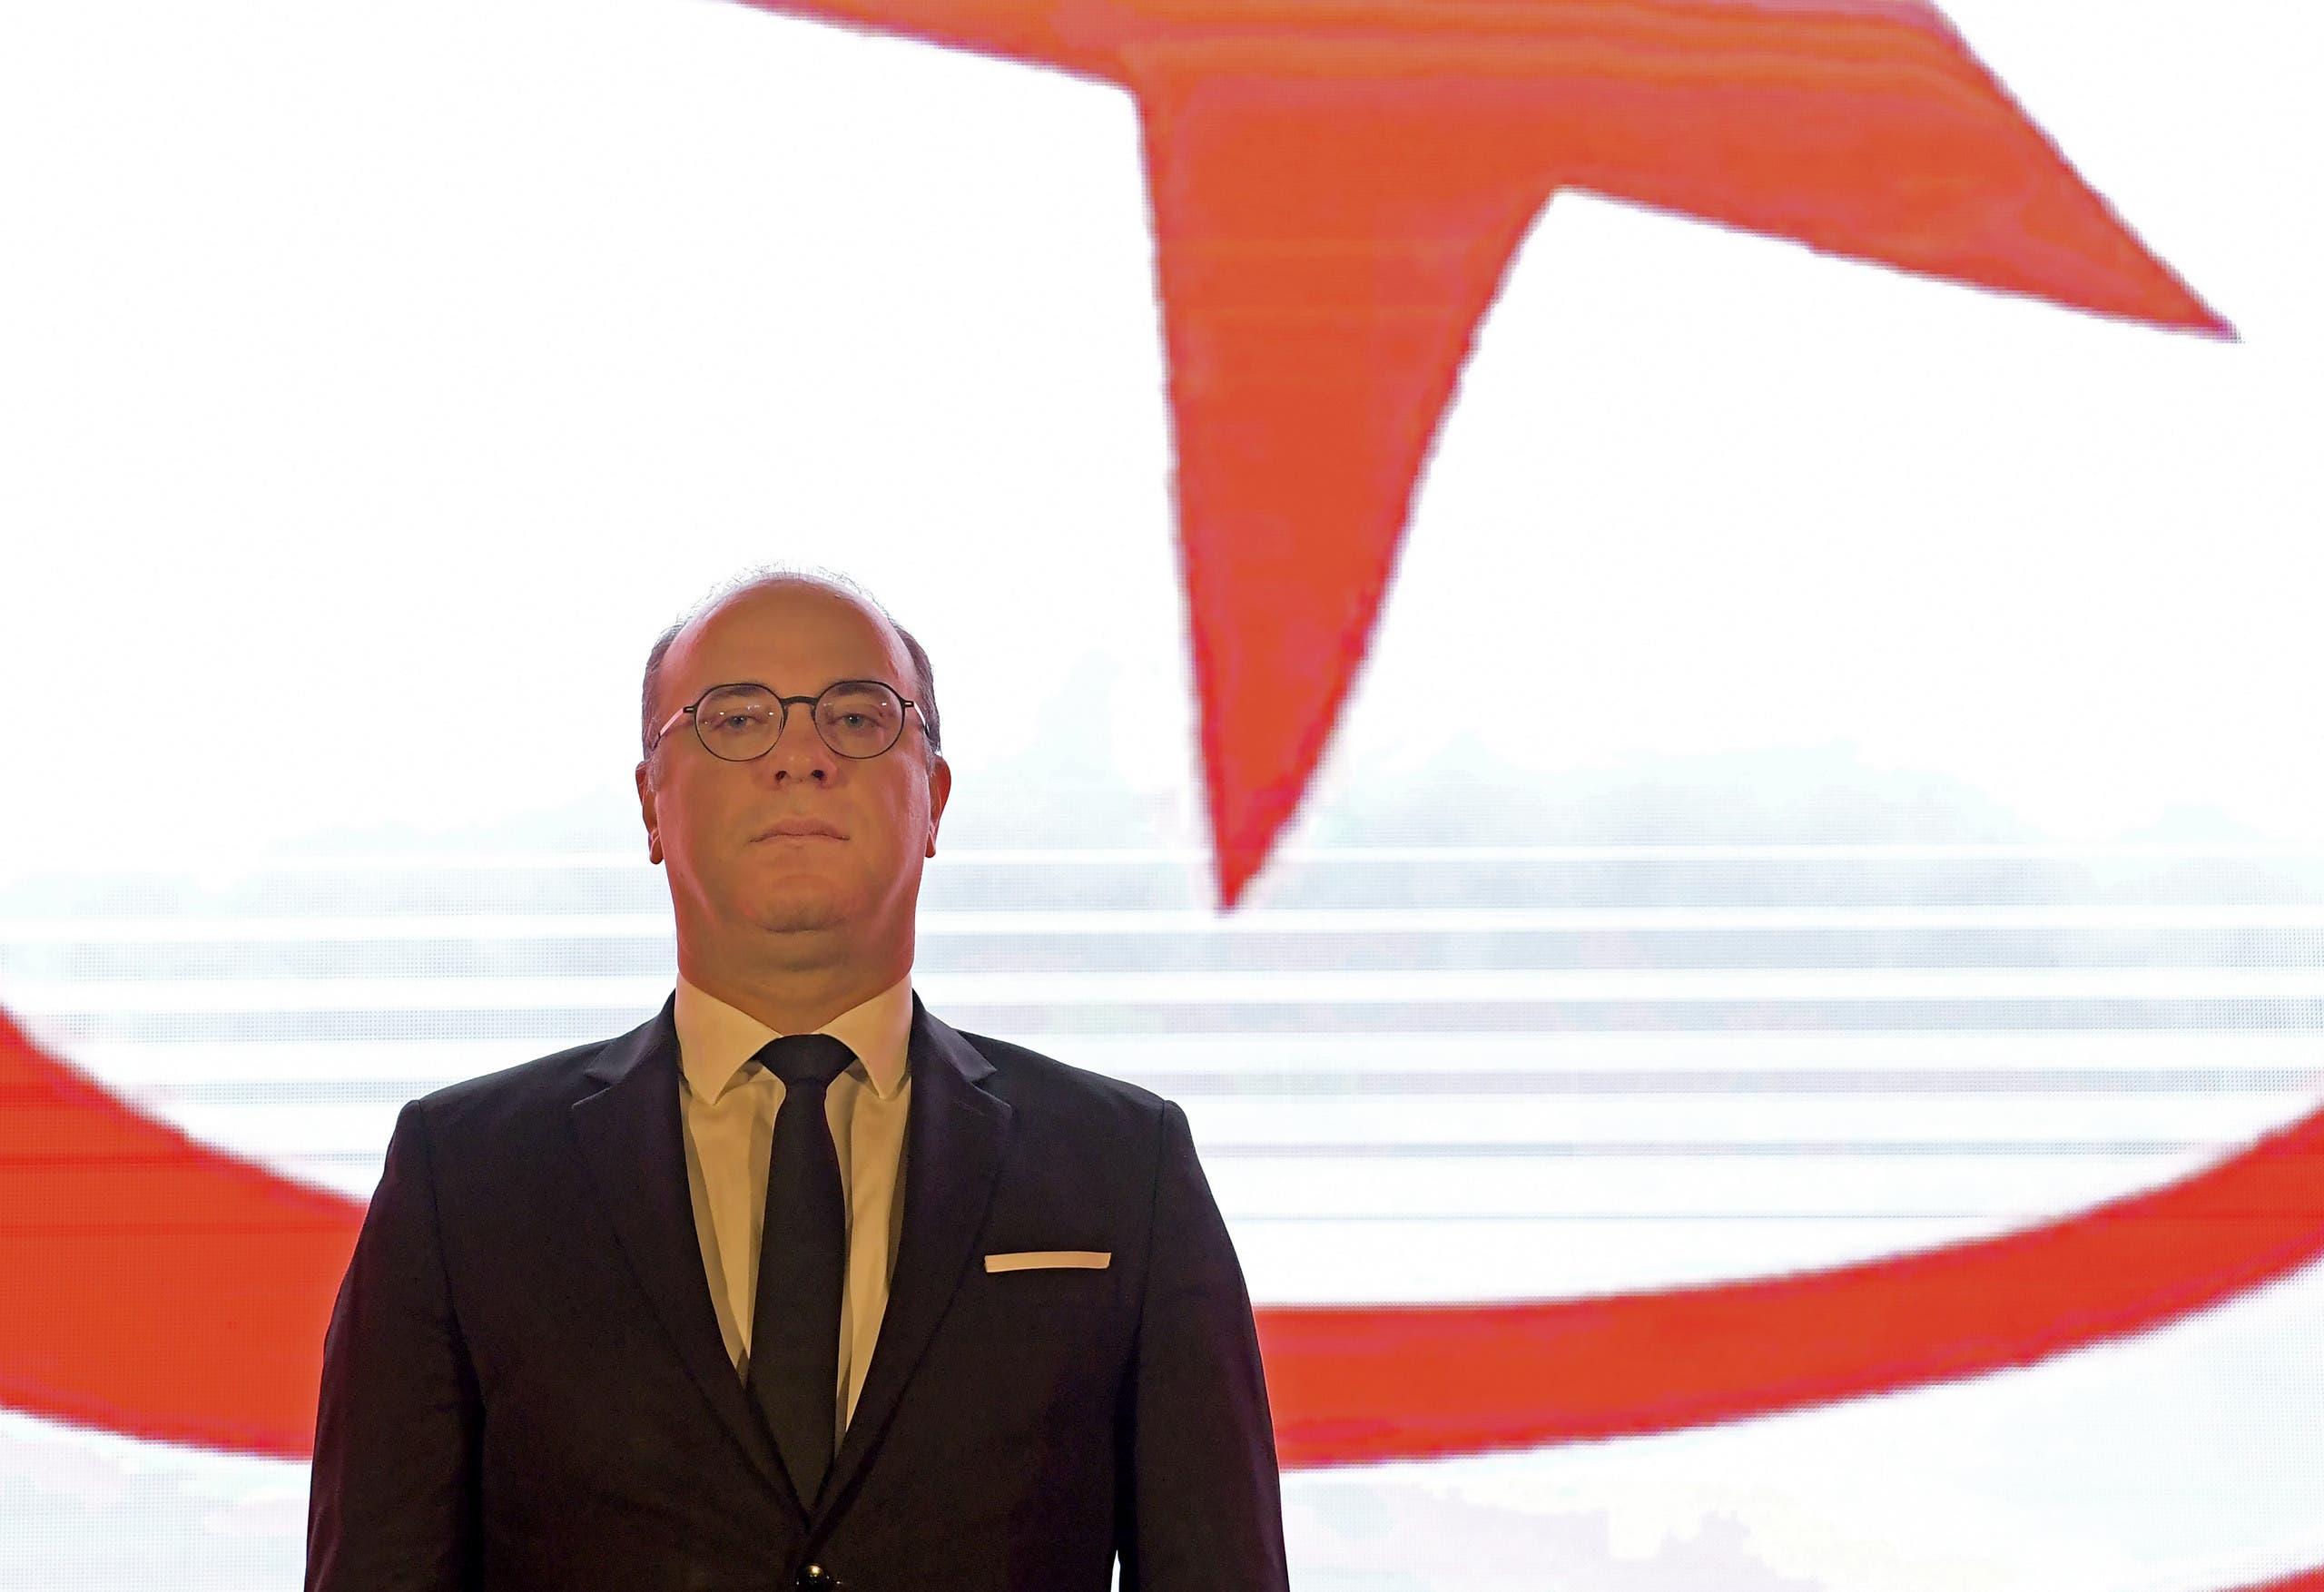 رئيس الحكومة التونسية المستقيل إلياس الفخفاخ (أرشيفية- فرانس برس)